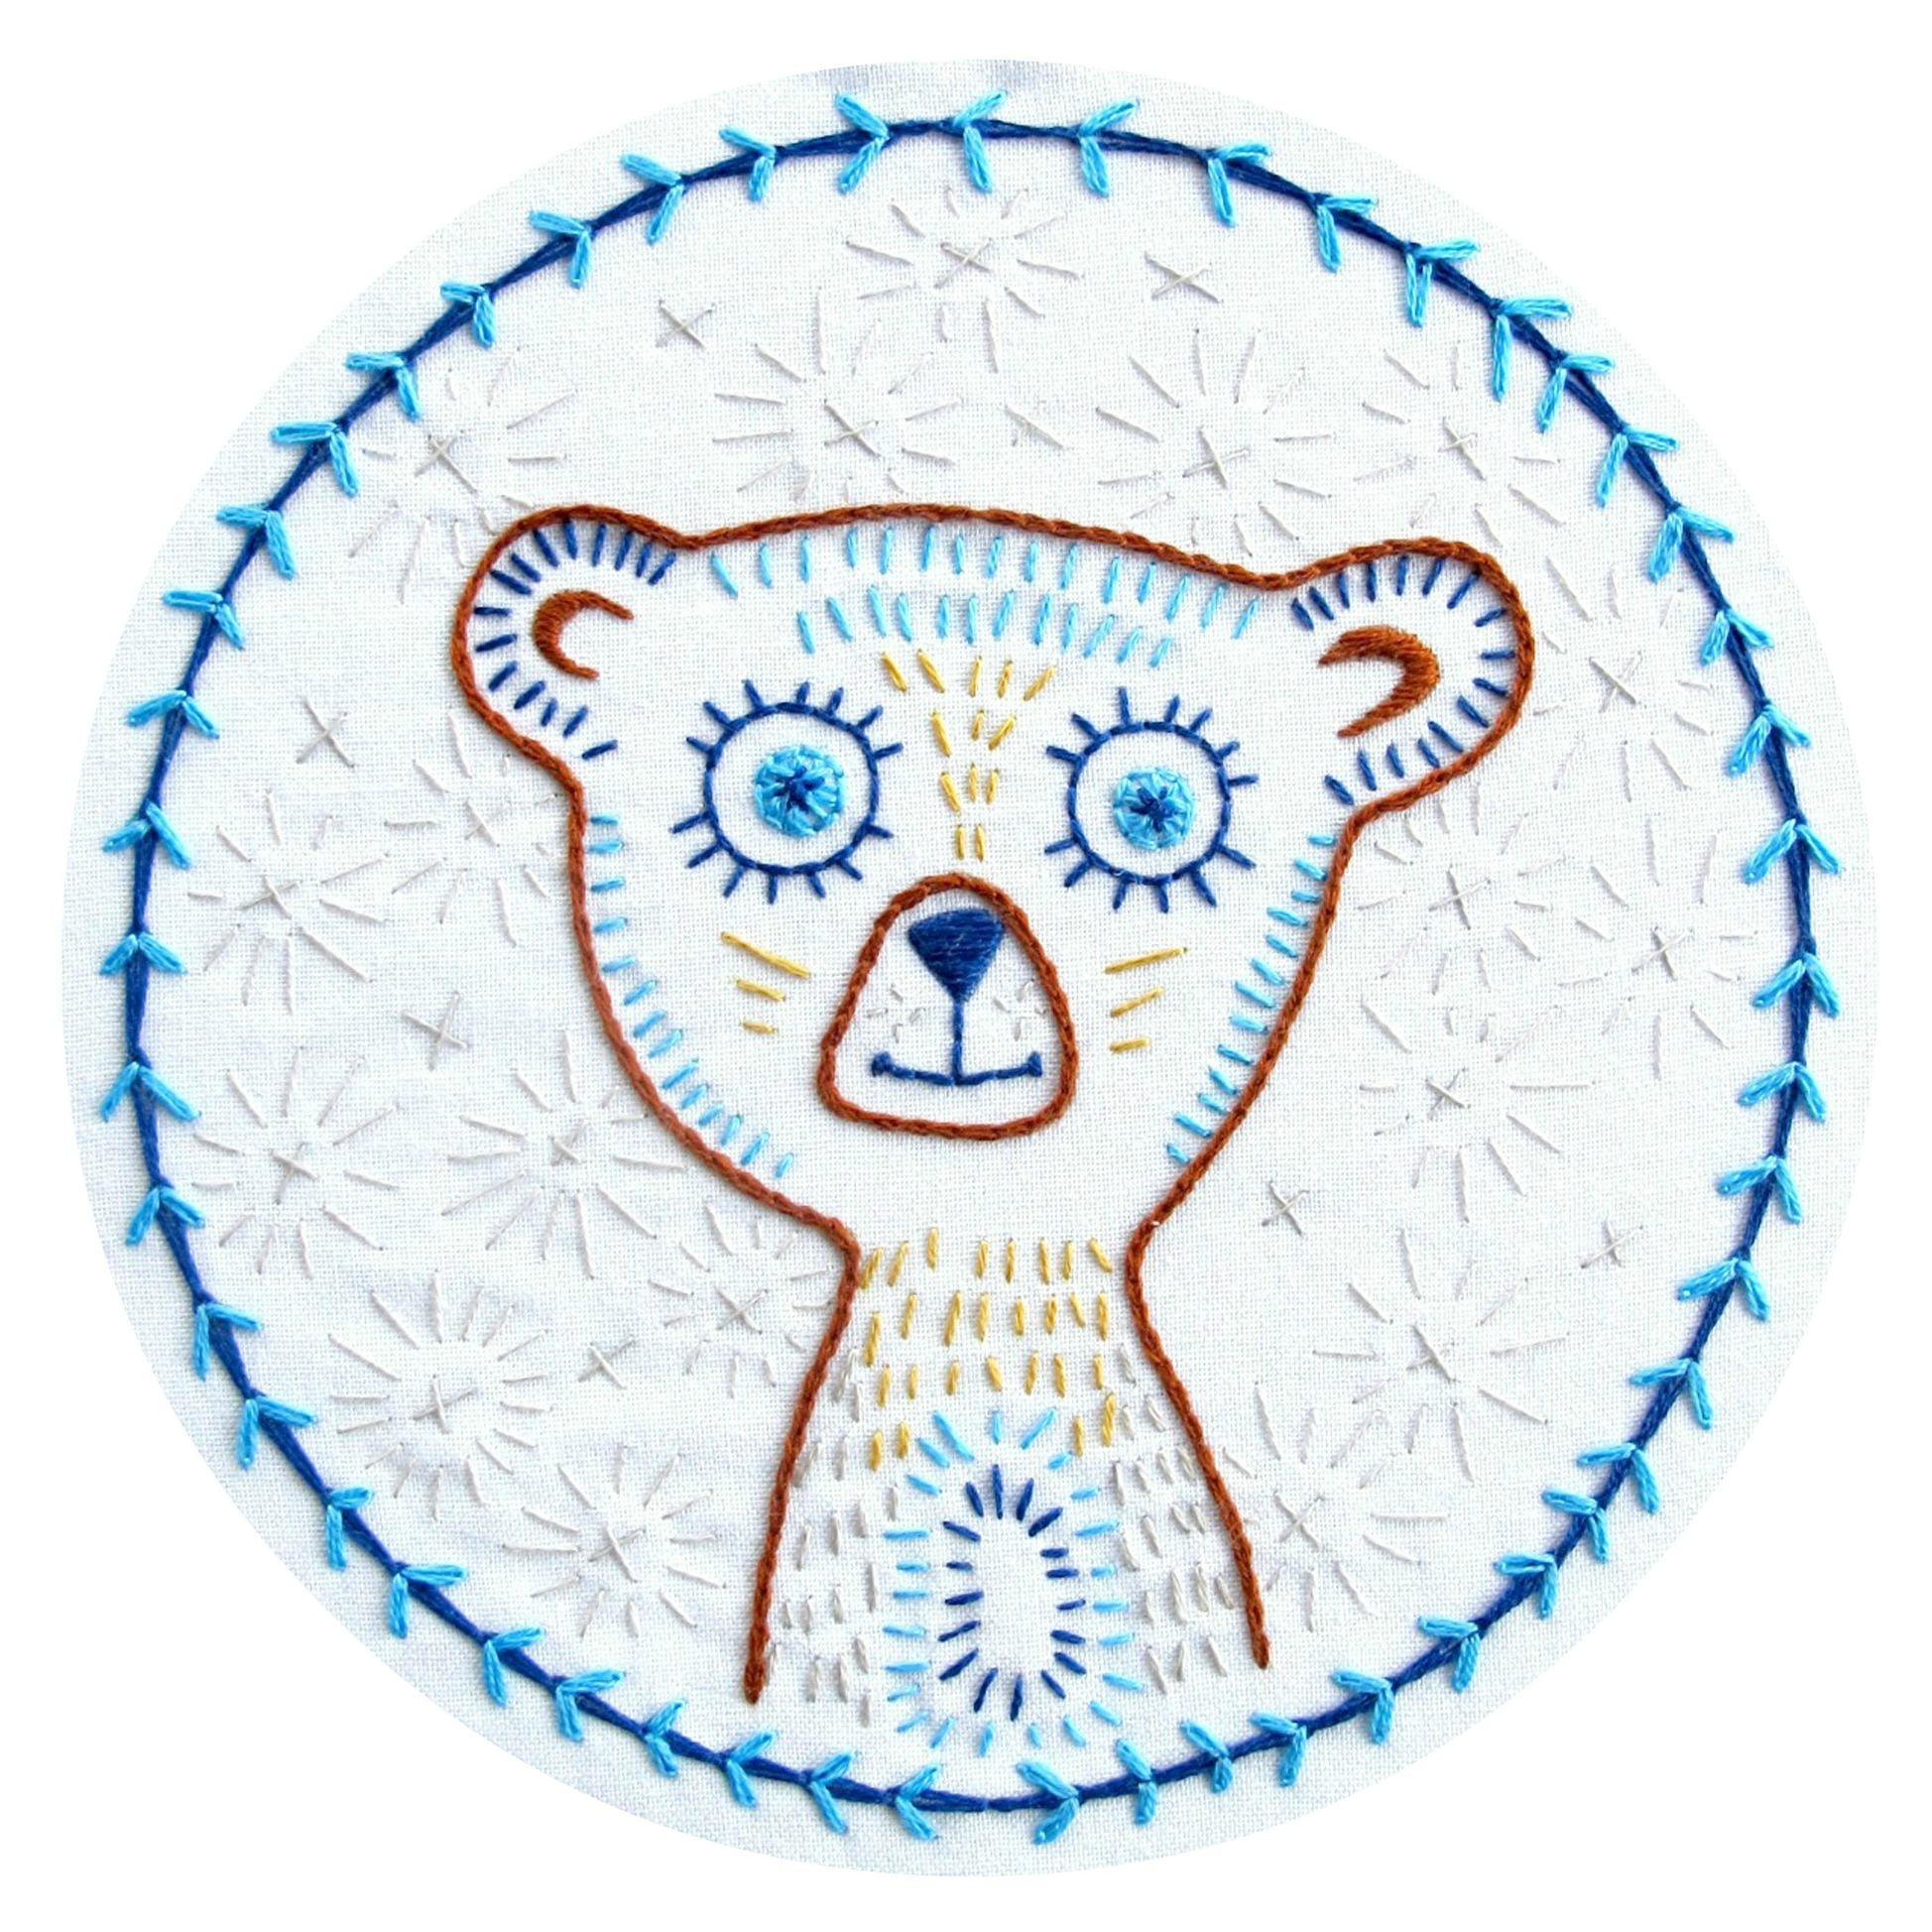 blinky bear ppp2.jpg